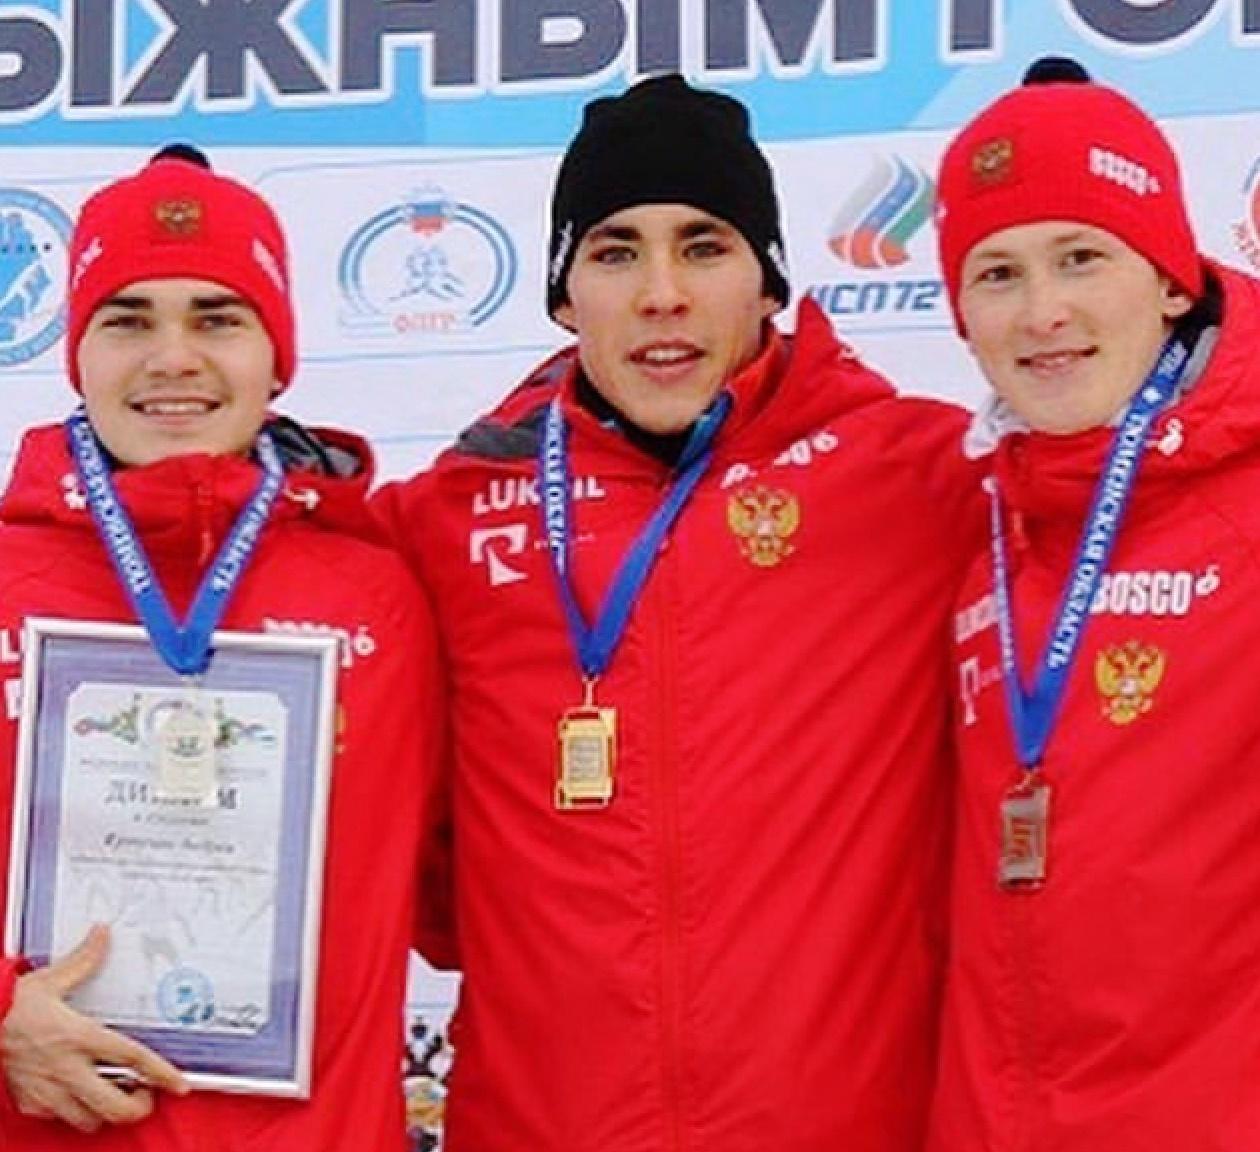 Награждение лауреатов гонки юниоров на 10 км свободным стилем.